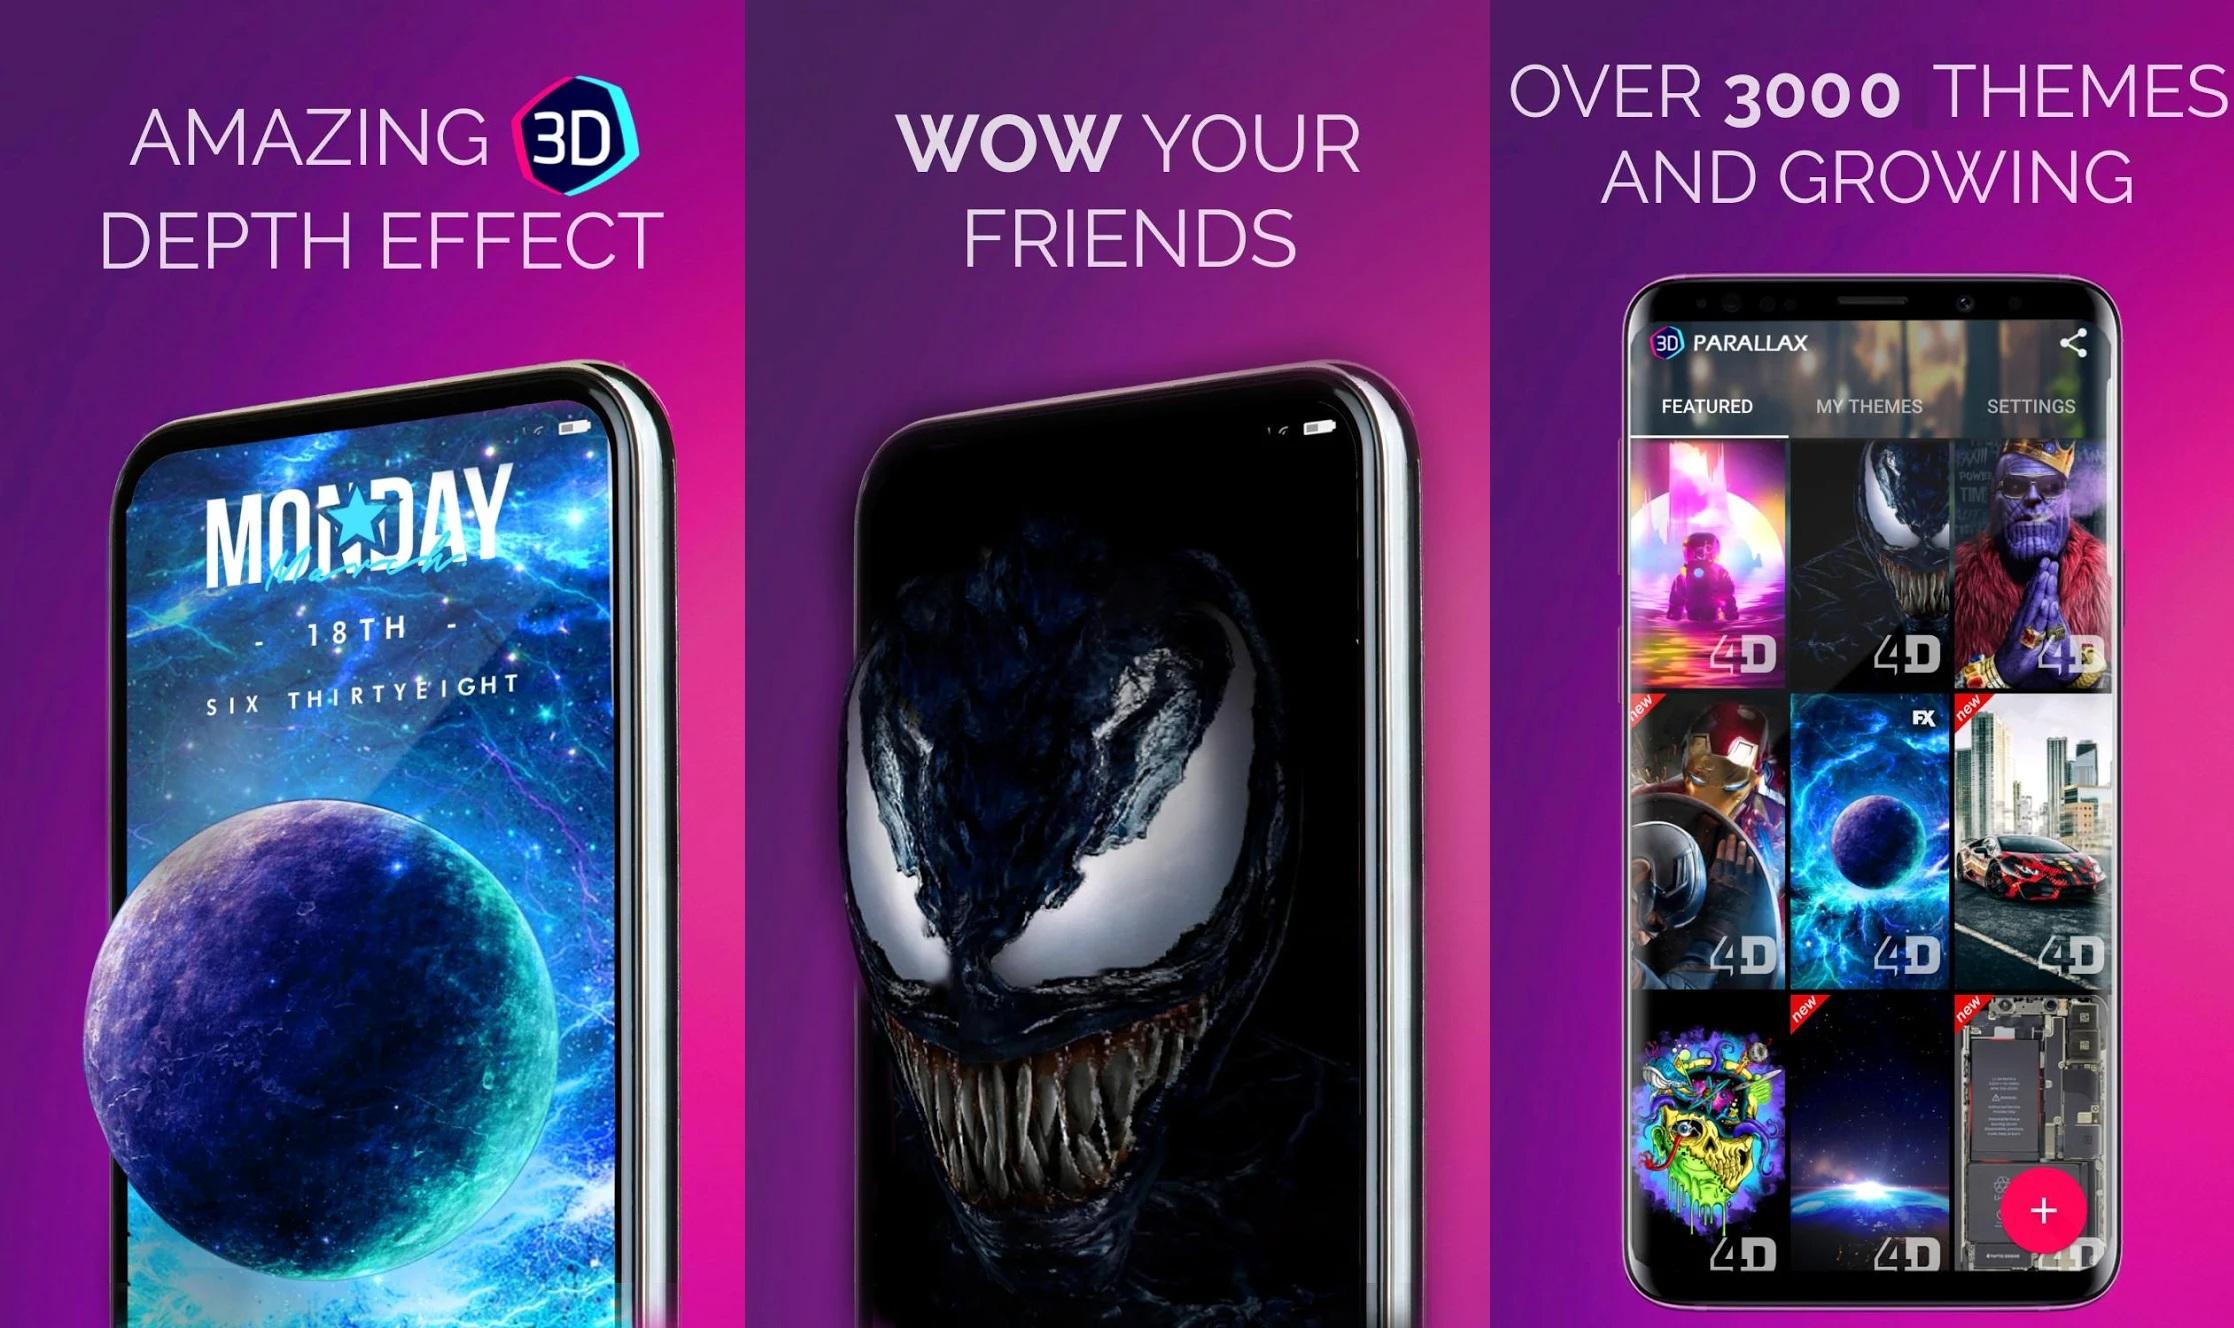 Descarga mejores Wallpapers Live en Android con 4D Parallax Wallpaper